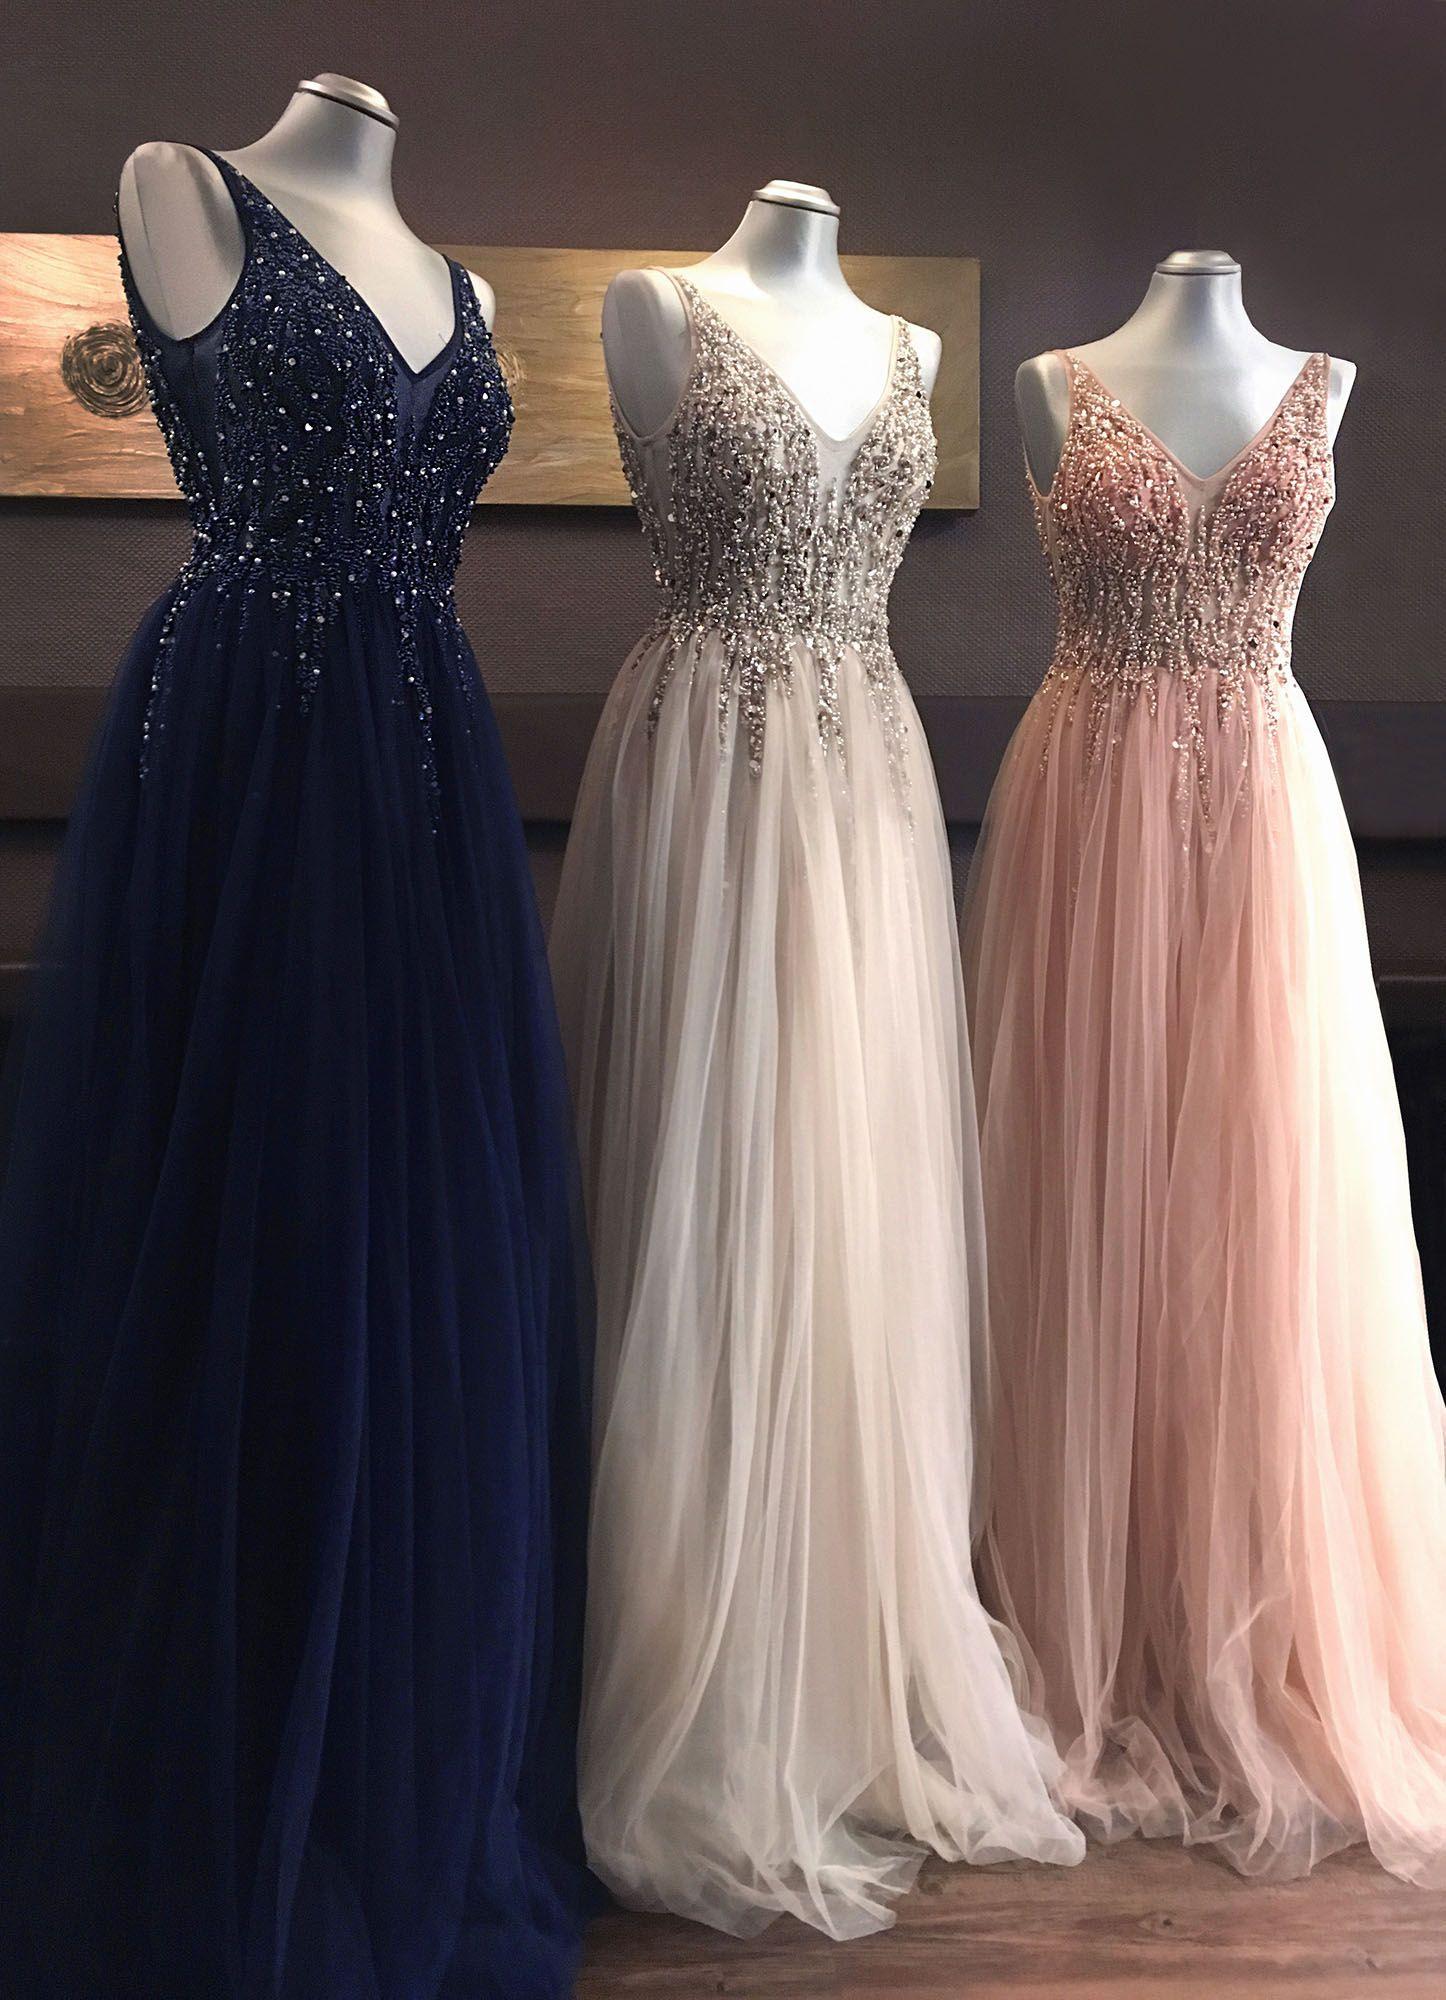 20 Elegant Abschlussballkleider Lang Glitzer Boutique10 Ausgezeichnet Abschlussballkleider Lang Glitzer Ärmel